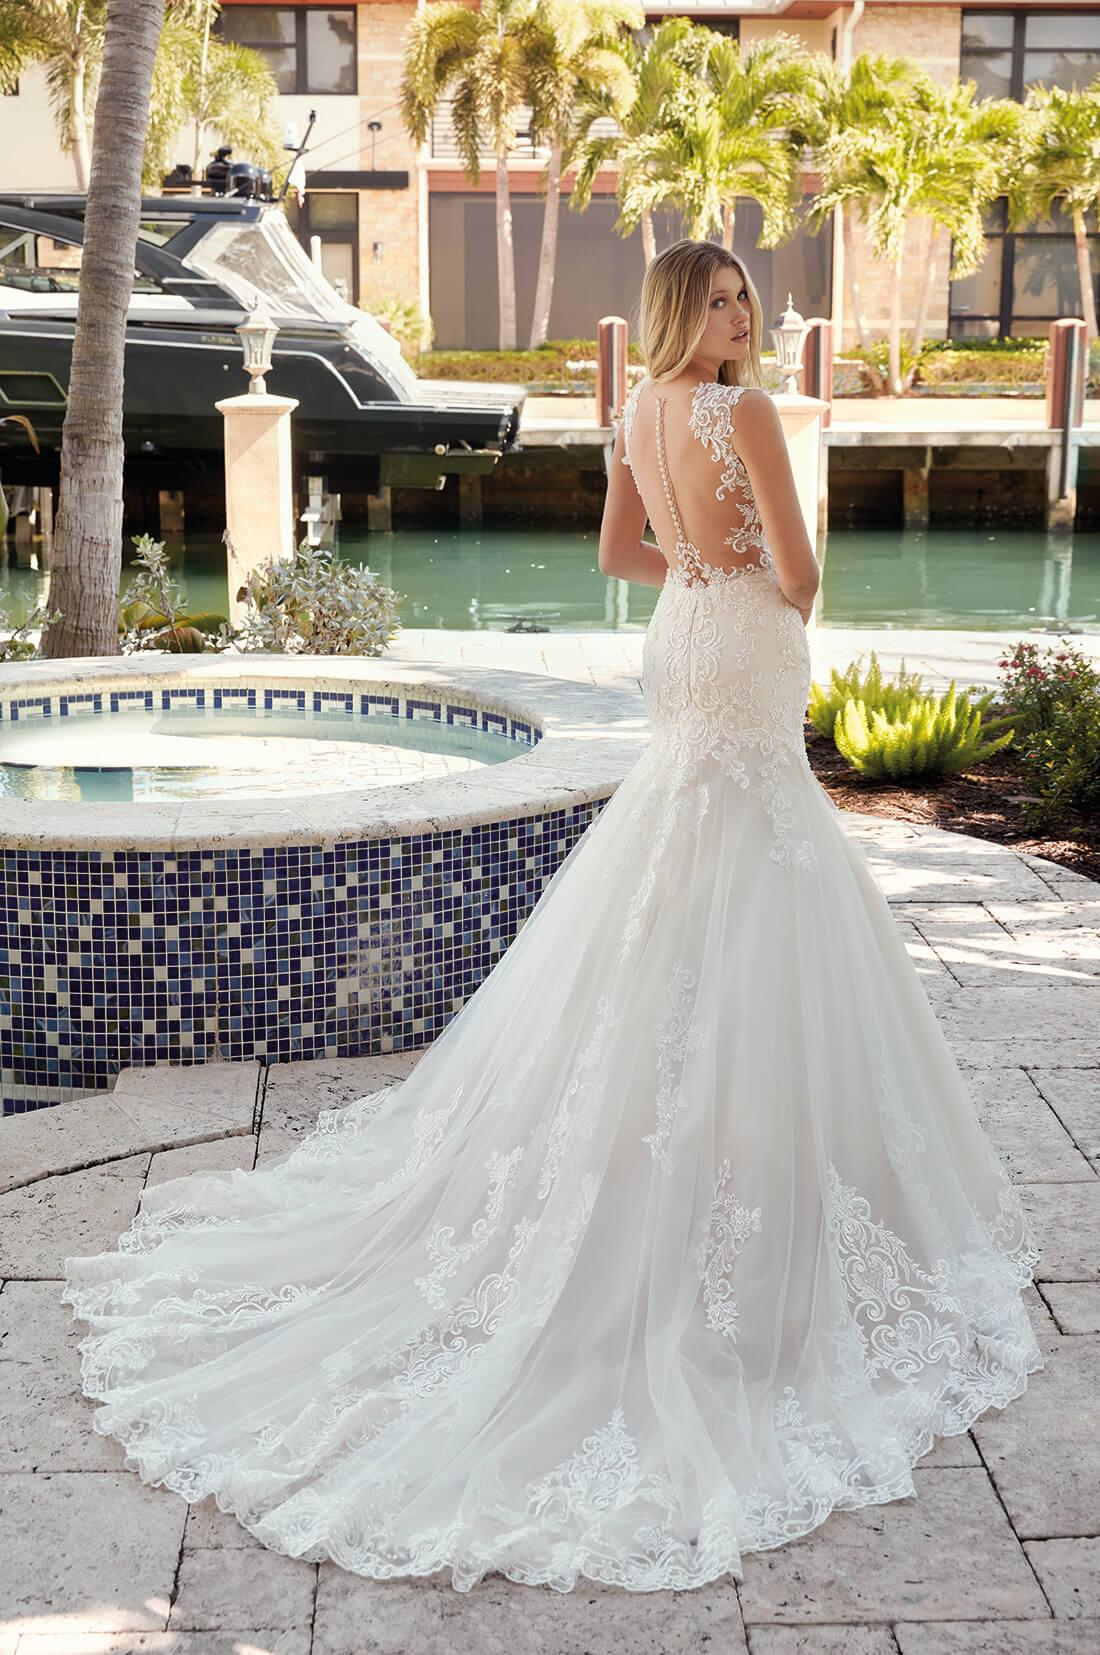 Blonde Braut in Brautkleid Meerjungfrau mit Knopfleiste und Träger in Tattoo Optik mit Wasser und Palmen im Hintergrund Rückenansicht mit Schulterblick